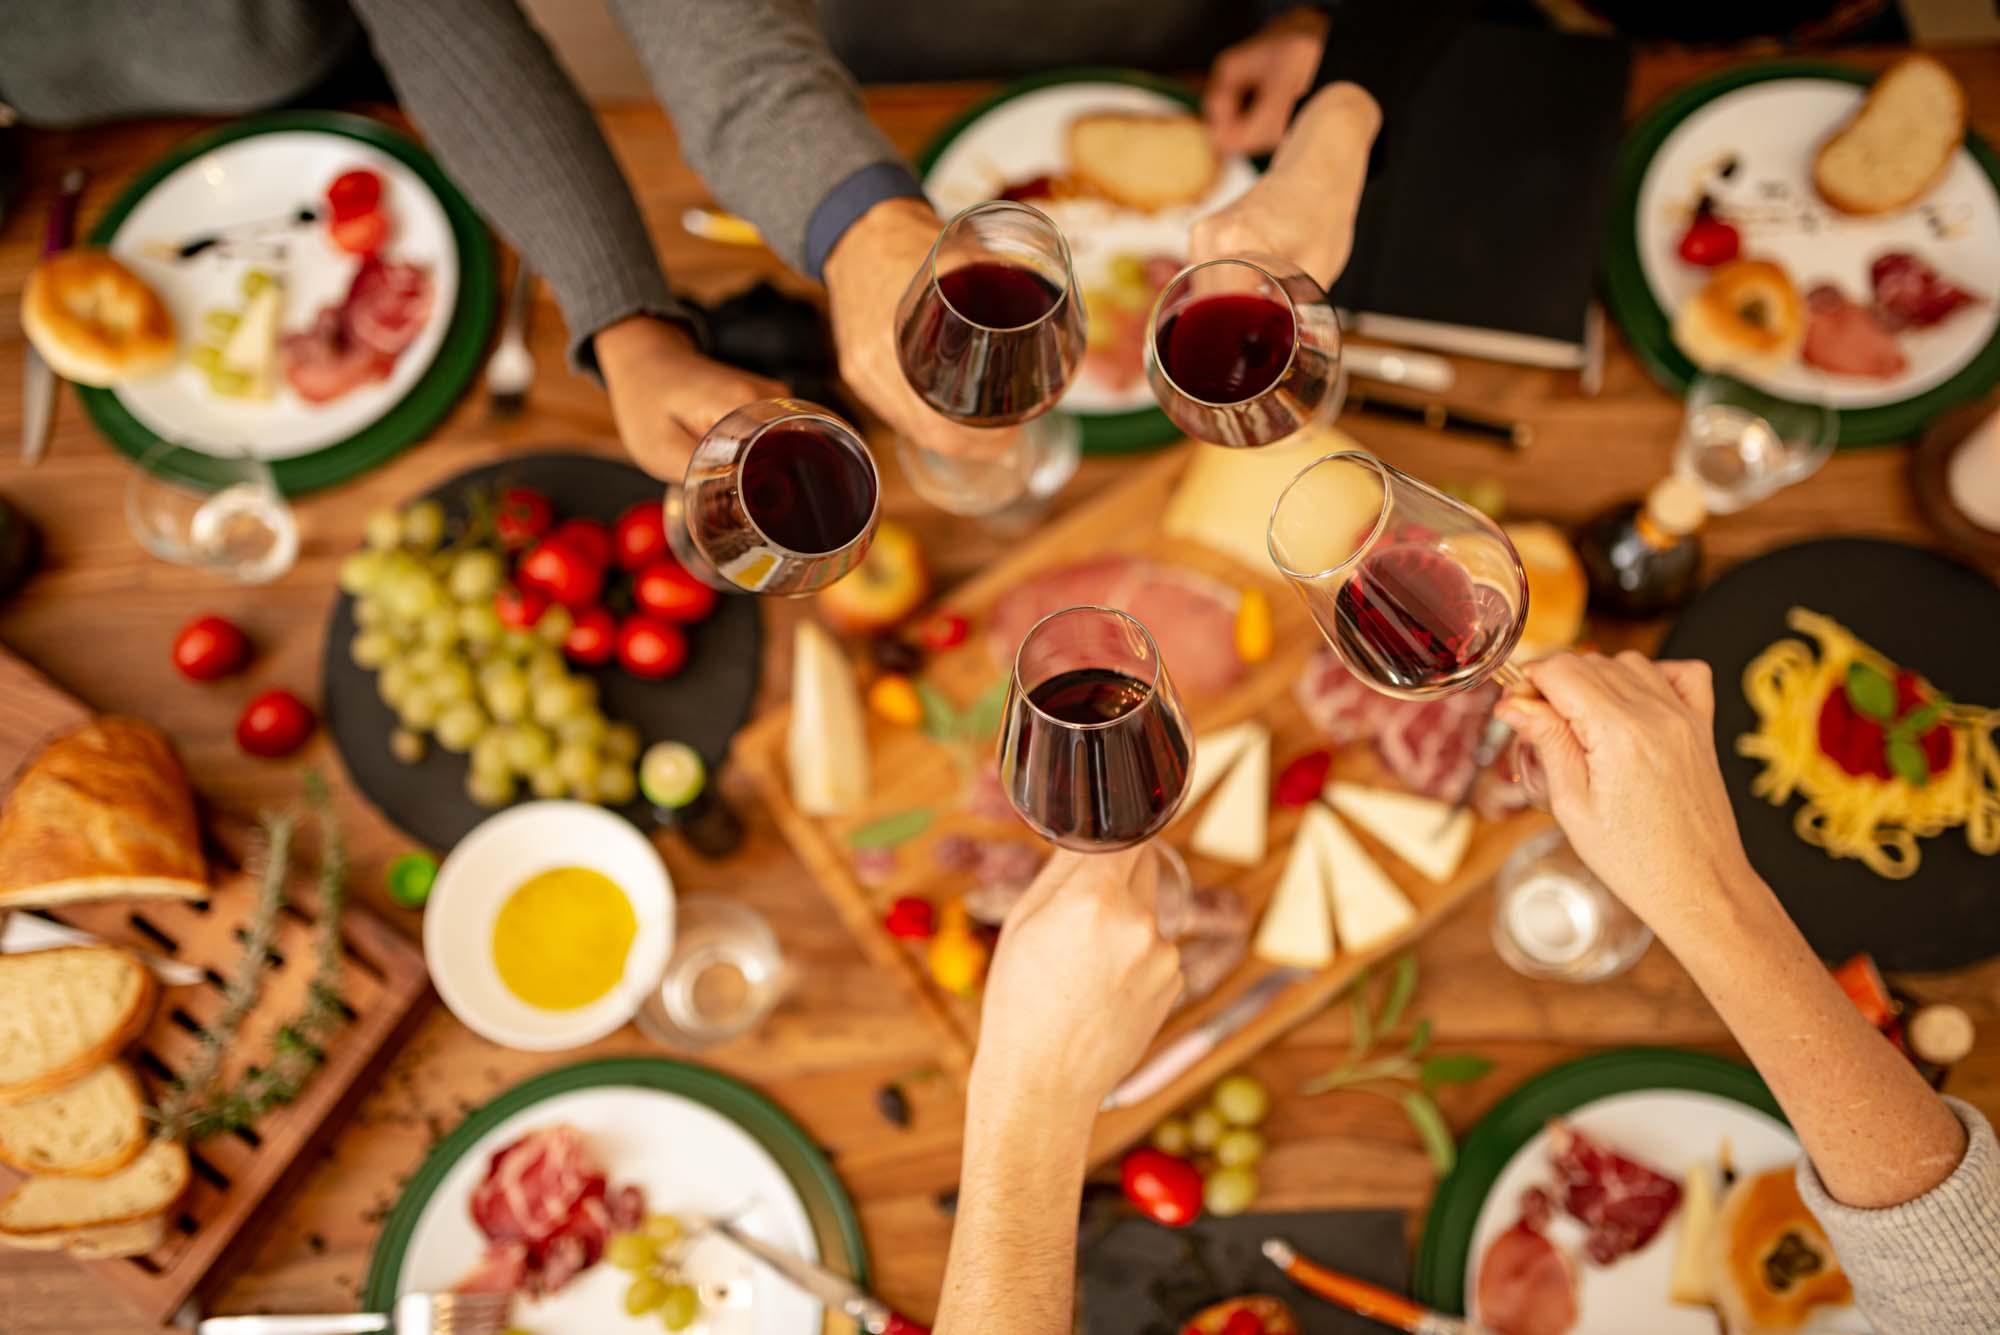 Corsi Di Cucina Formazione Manageriale a Catanzaro